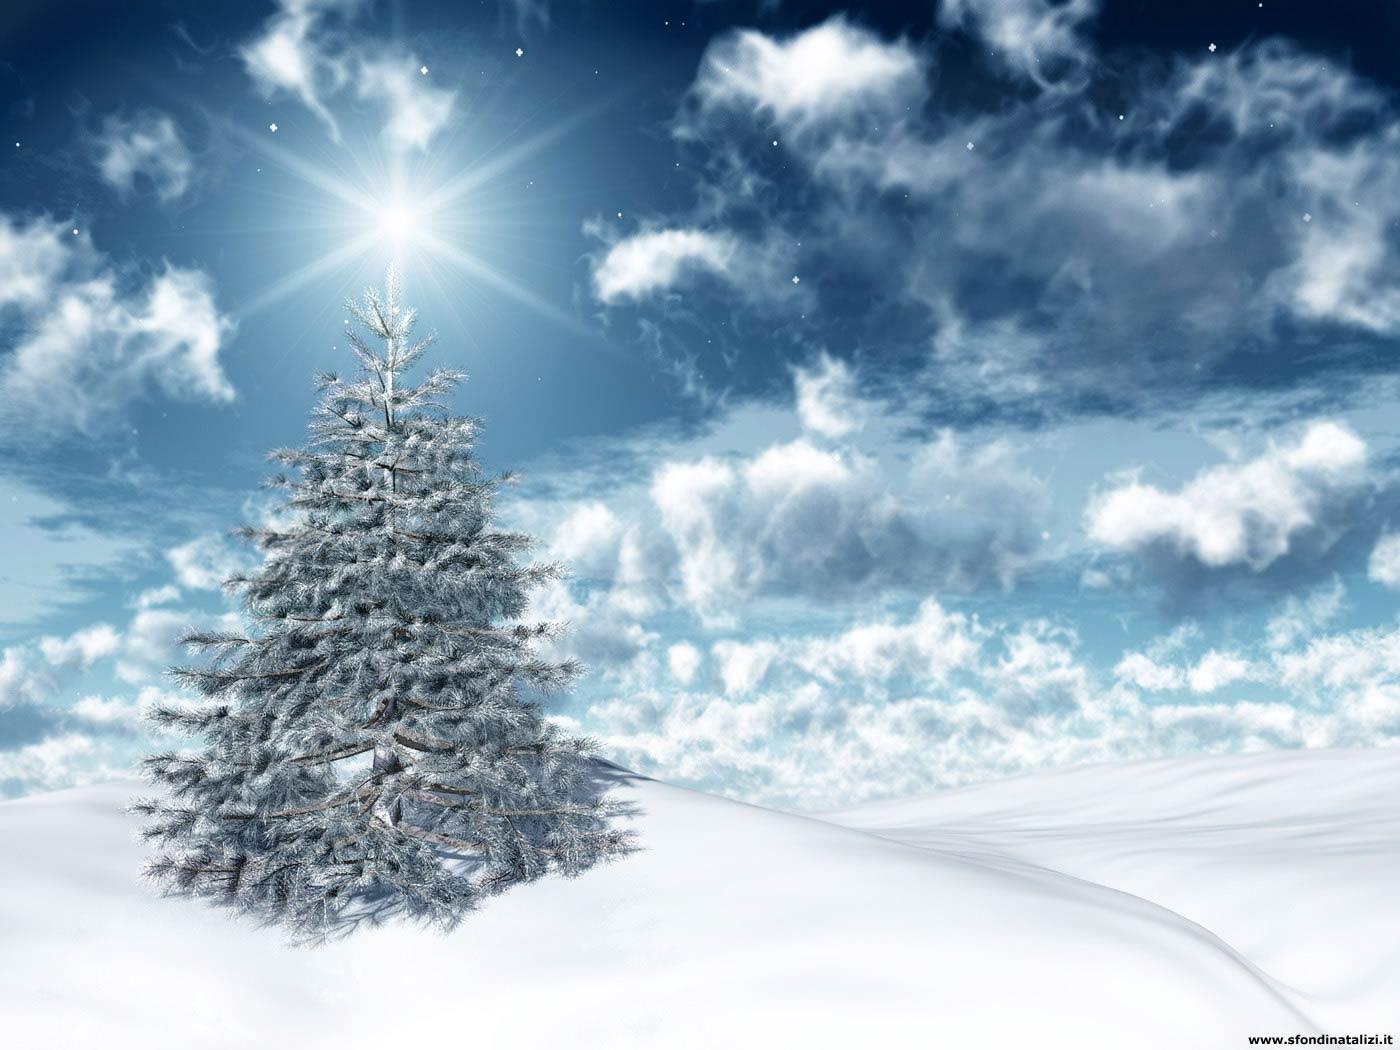 Immagini Di Natale Per Sfondi Desktop.Sfondi Desktop Albero Di Natale Controluce